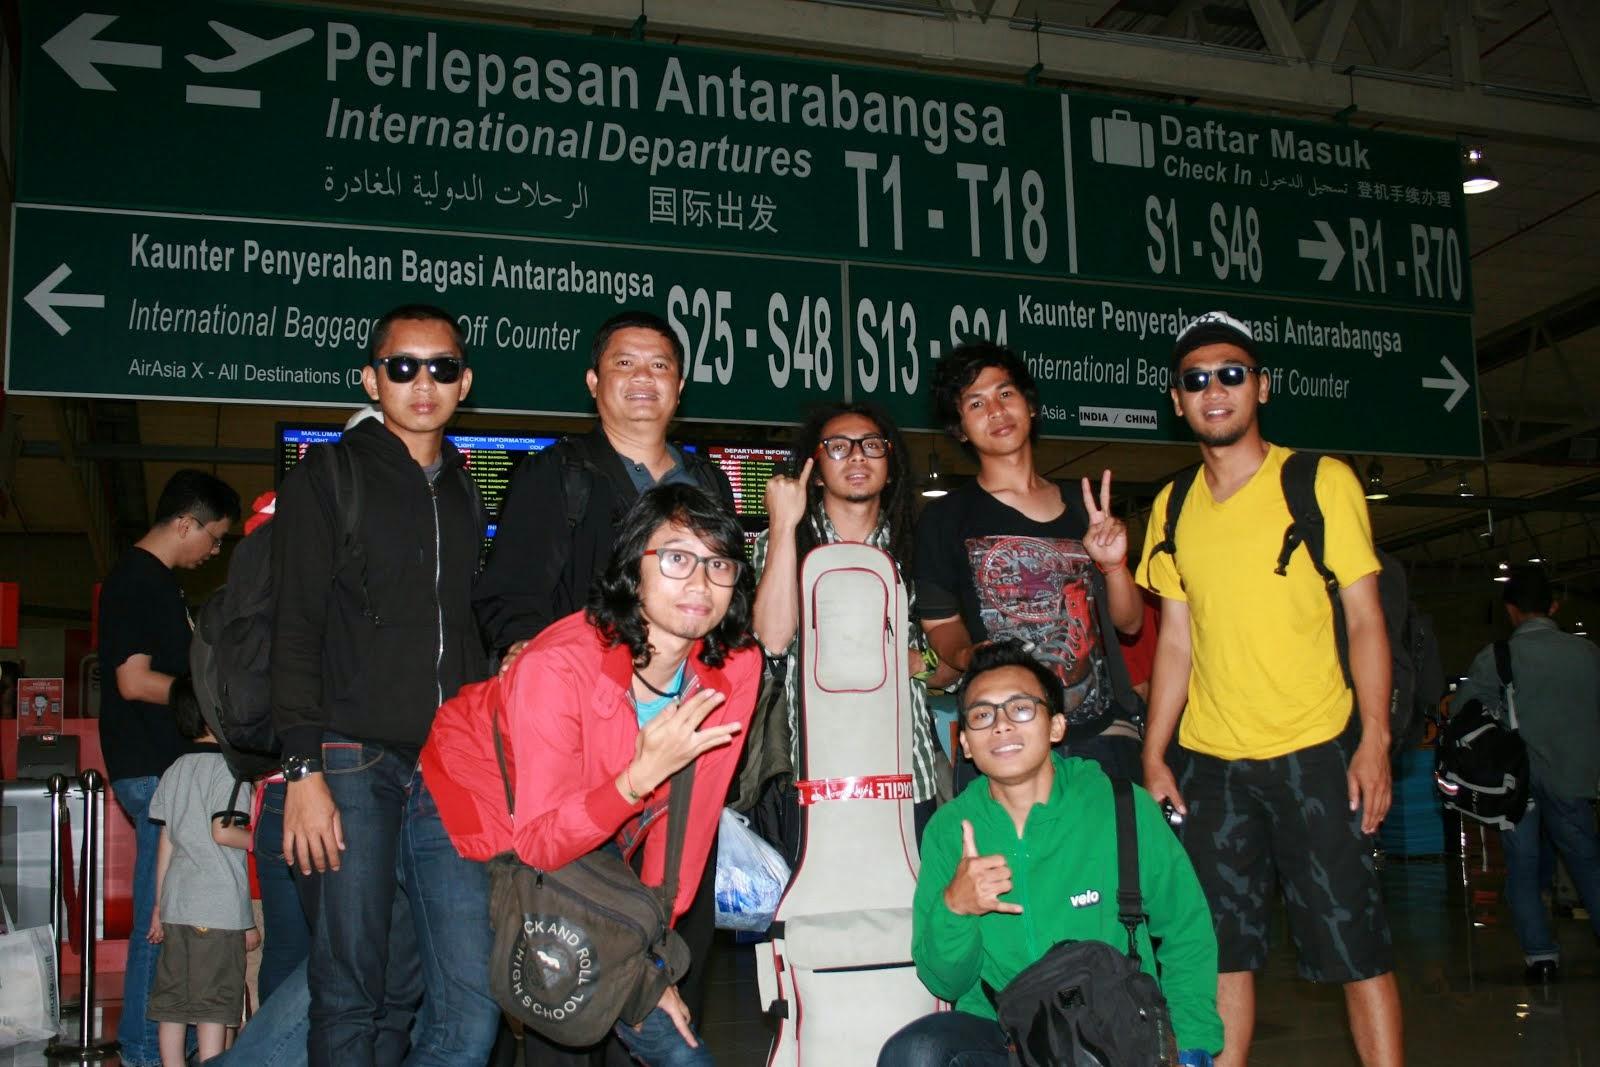 Di Bandara Internasional Kualalumpur, Malaysia. 2012